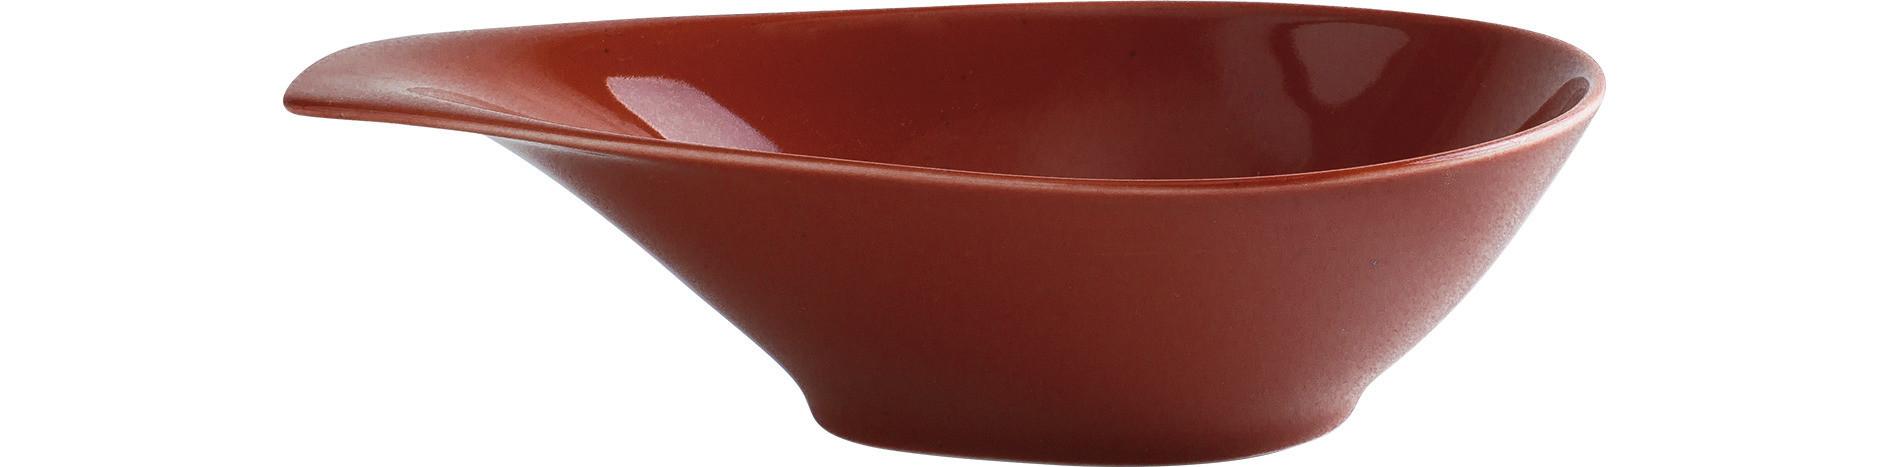 Homestyle, Schale mit Griff 237 x 162 mm / 0,60 l siena red